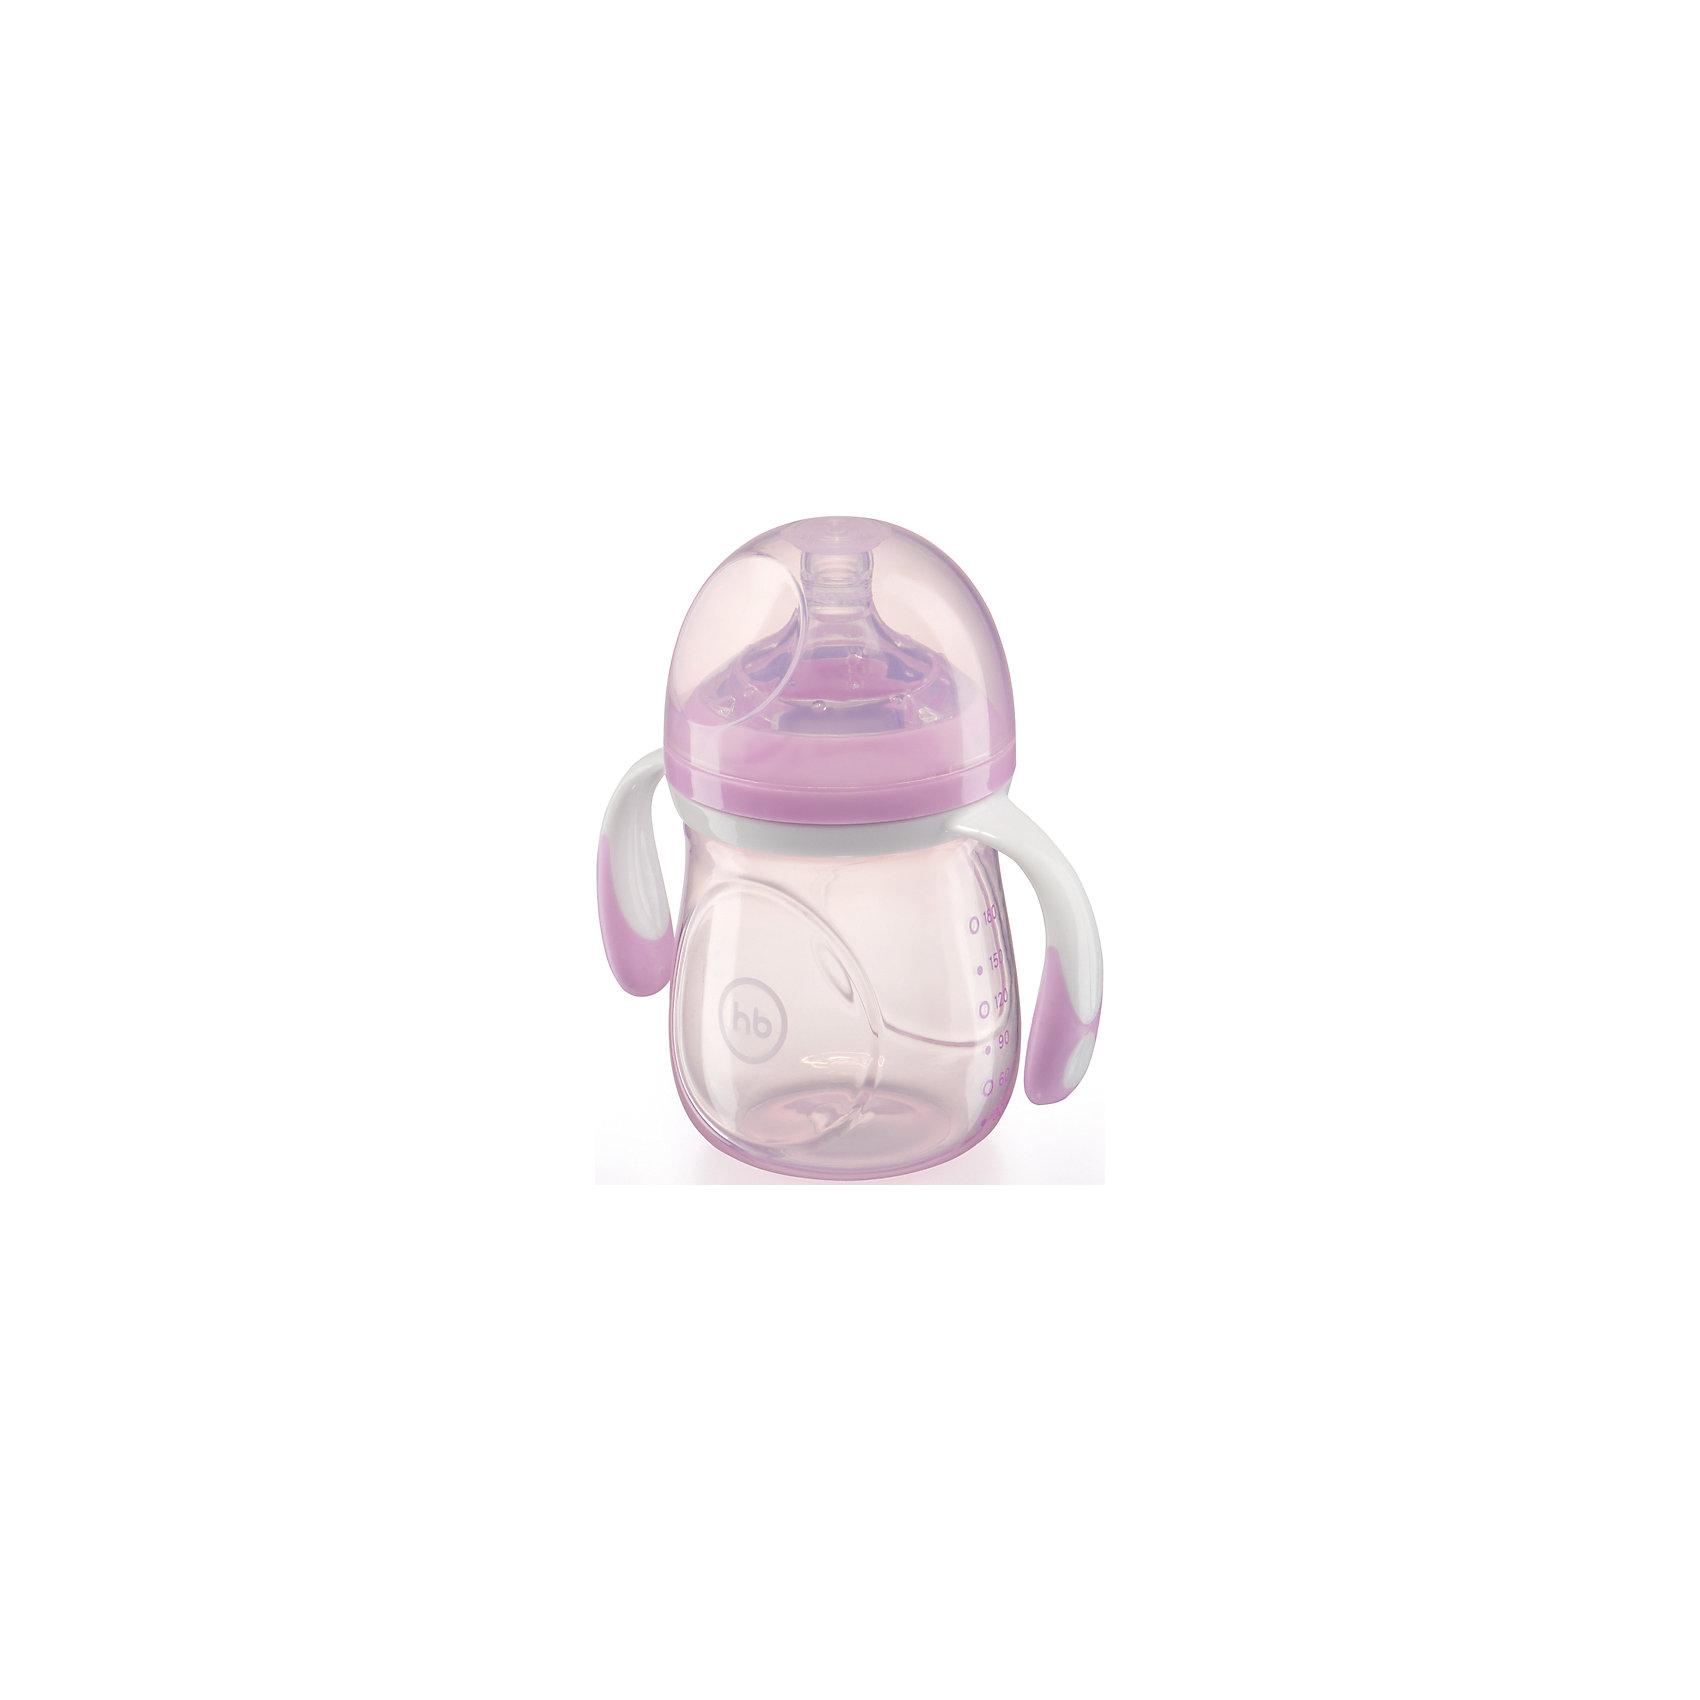 Happy Baby Бутылочка для кормления с антиколиковой соской, 180 мл, Happy Baby, фиолетовый happy baby набор ложек для кормления baby spoon цвет мятный 2 шт